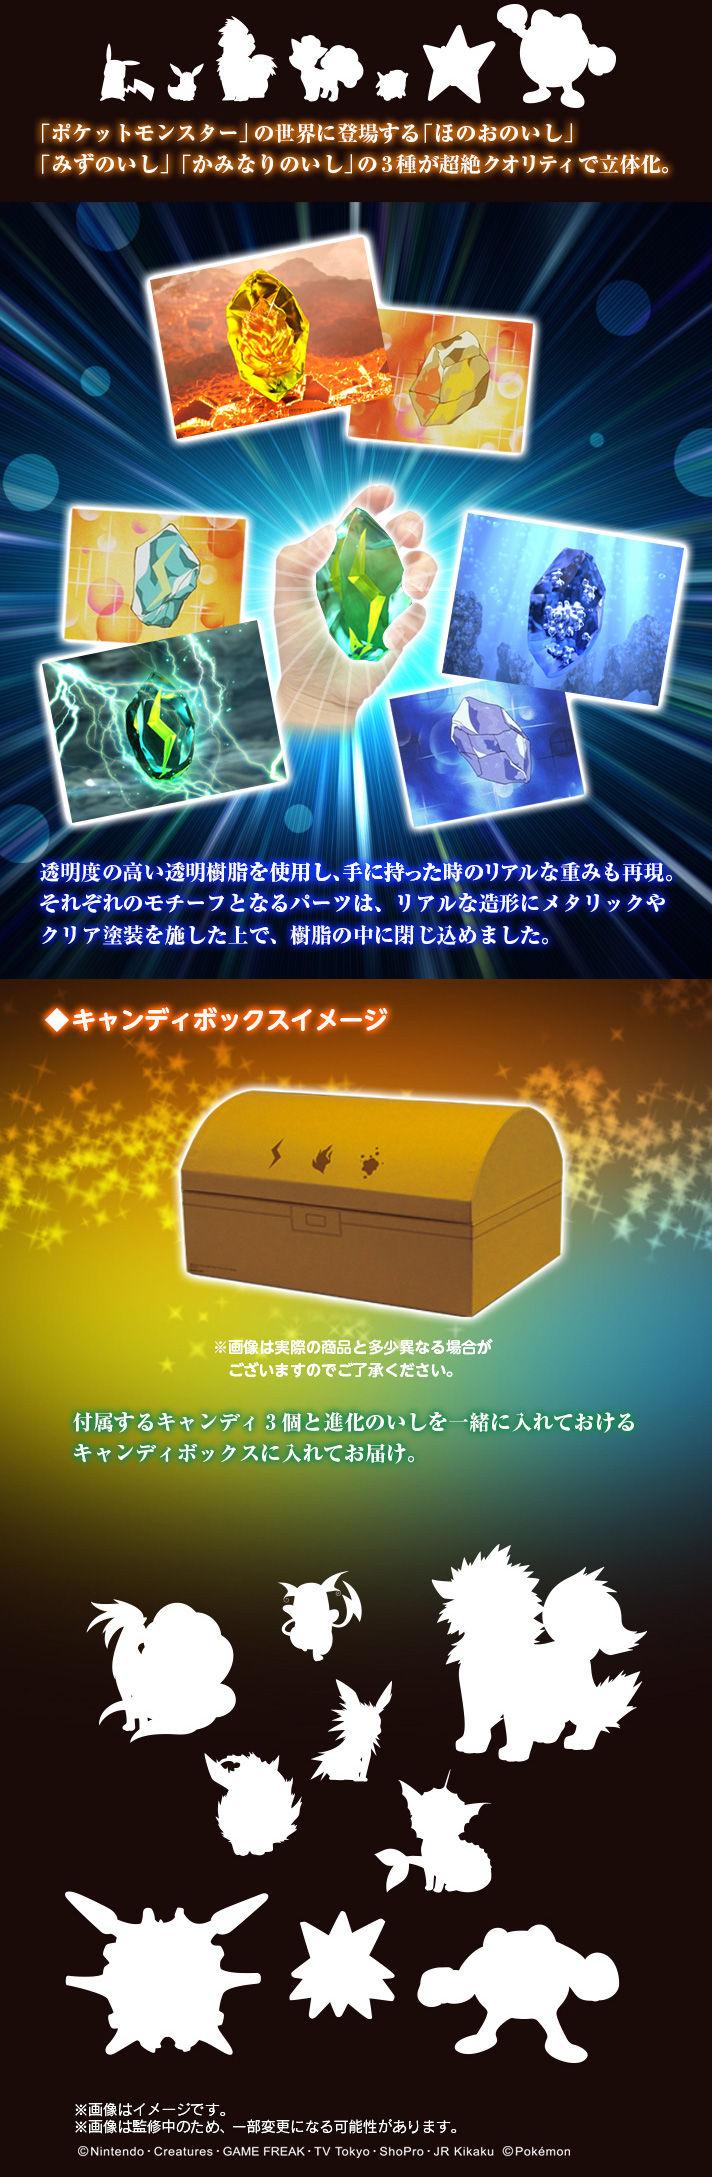 ポケットモンスター 進化のいし キャンディボックス【プレミアムバンダイ限定】